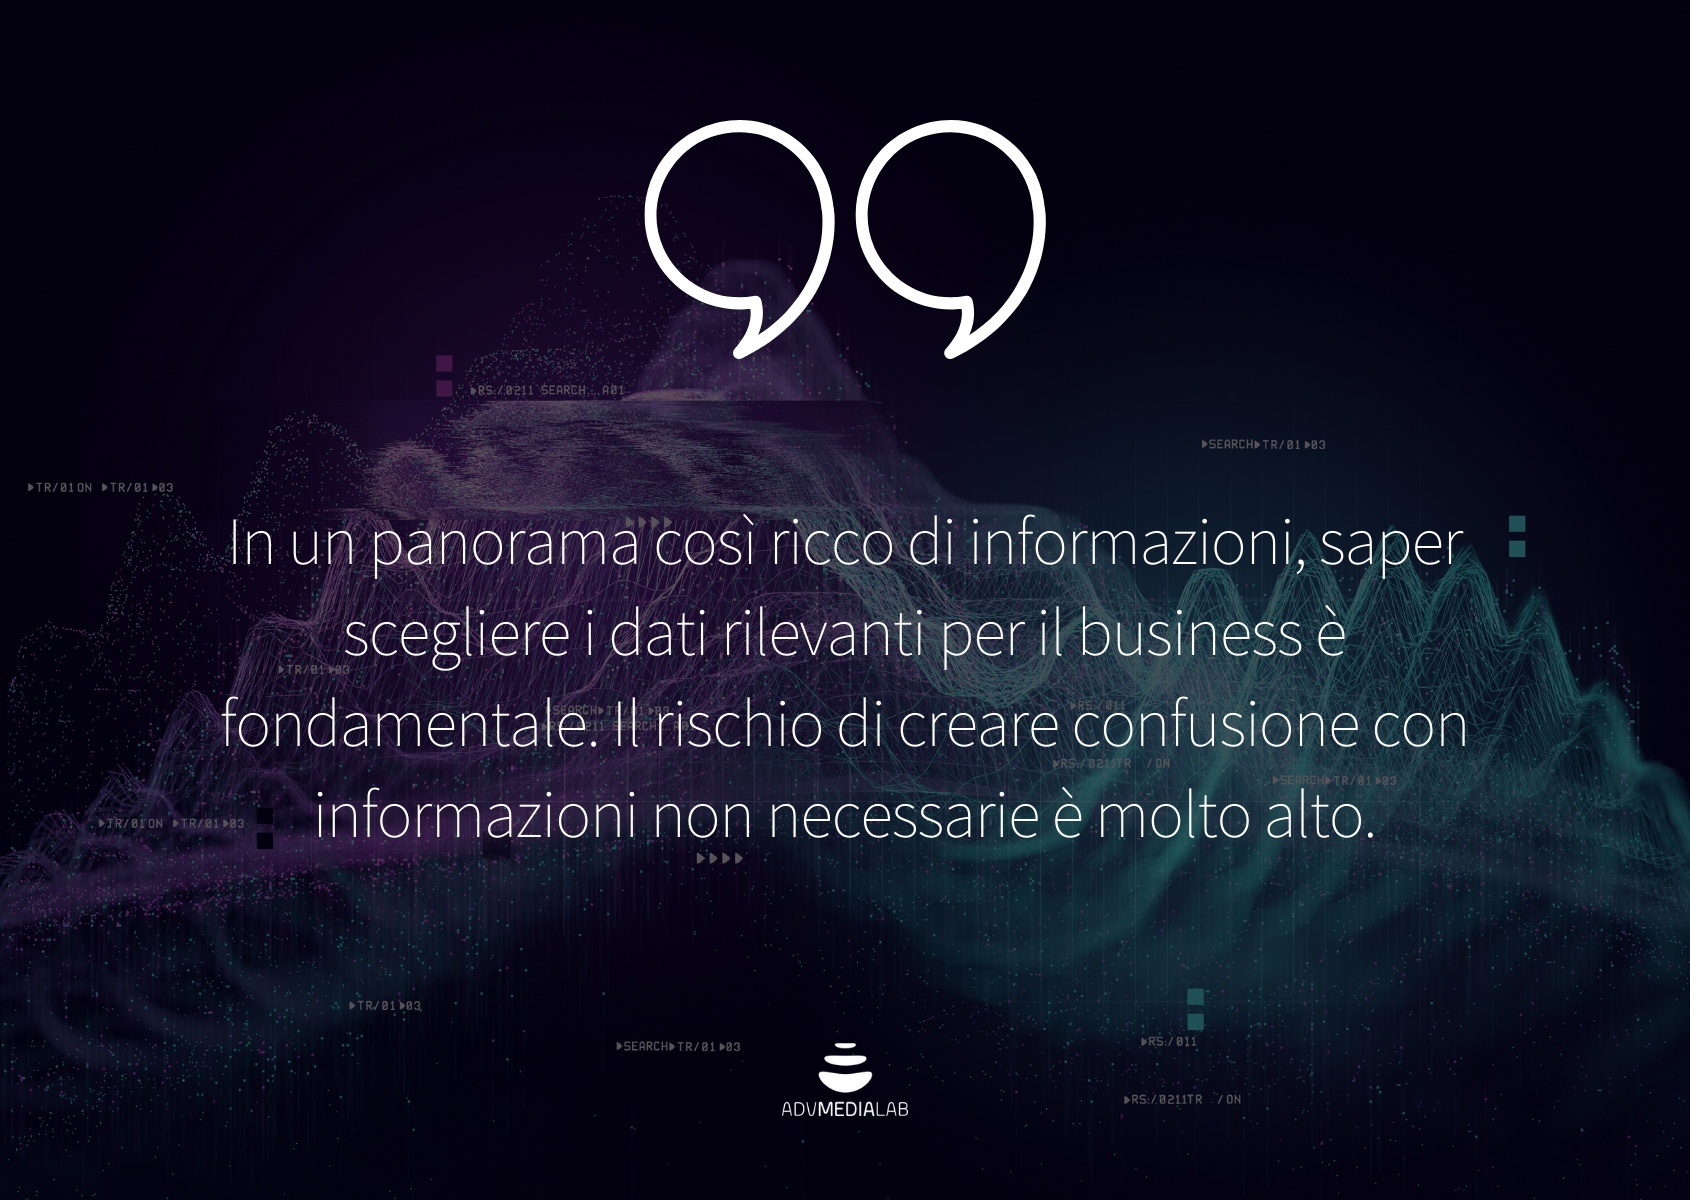 Cultura-data-drive-quote1